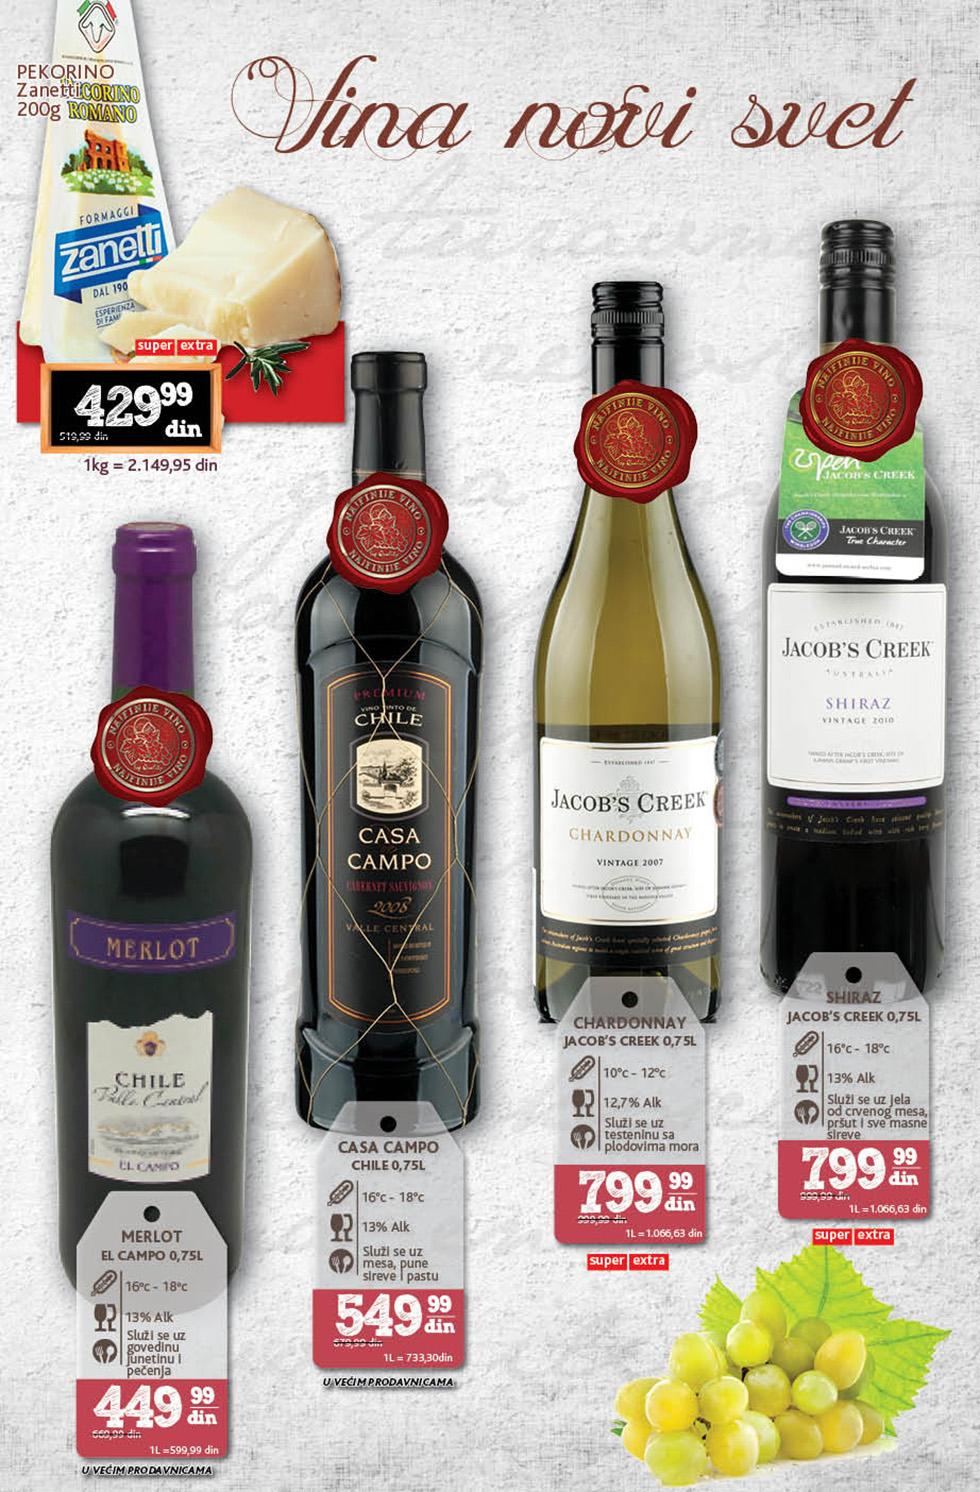 Idea akcija katalog viina